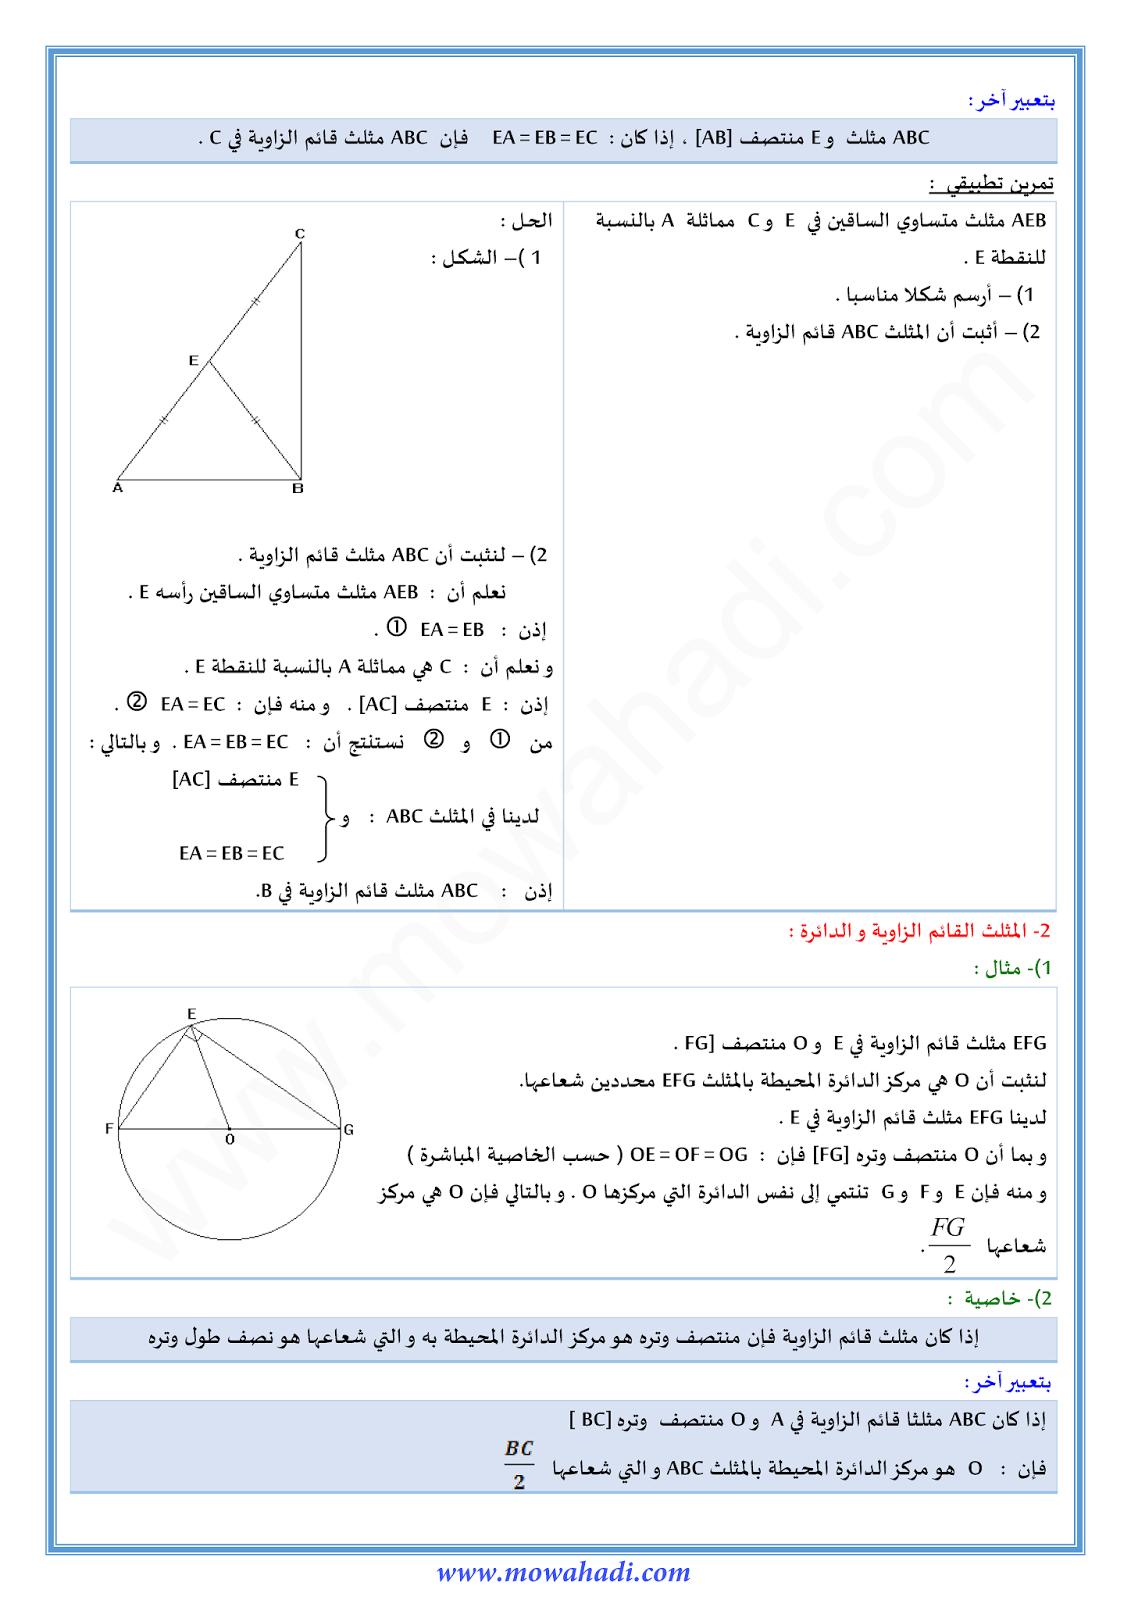 درس المثلث القائم الزاوية و الدائرة في الرياضيات